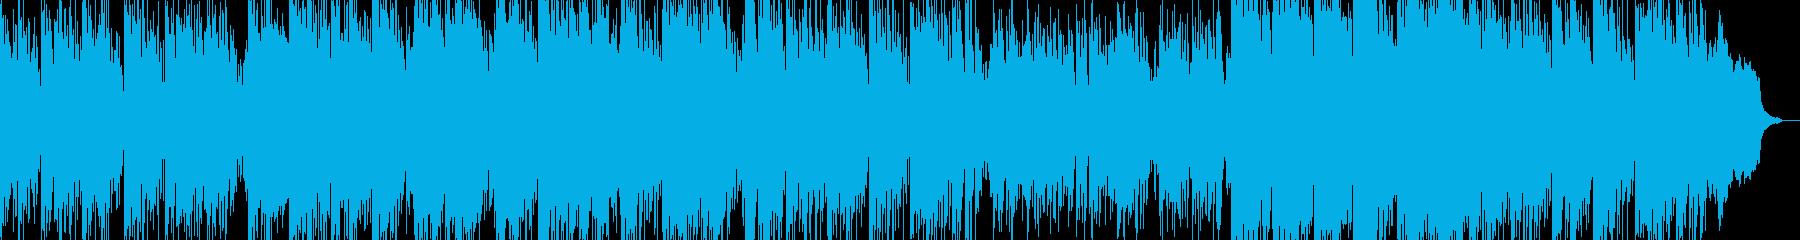 和の感じとアップデート曲の再生済みの波形